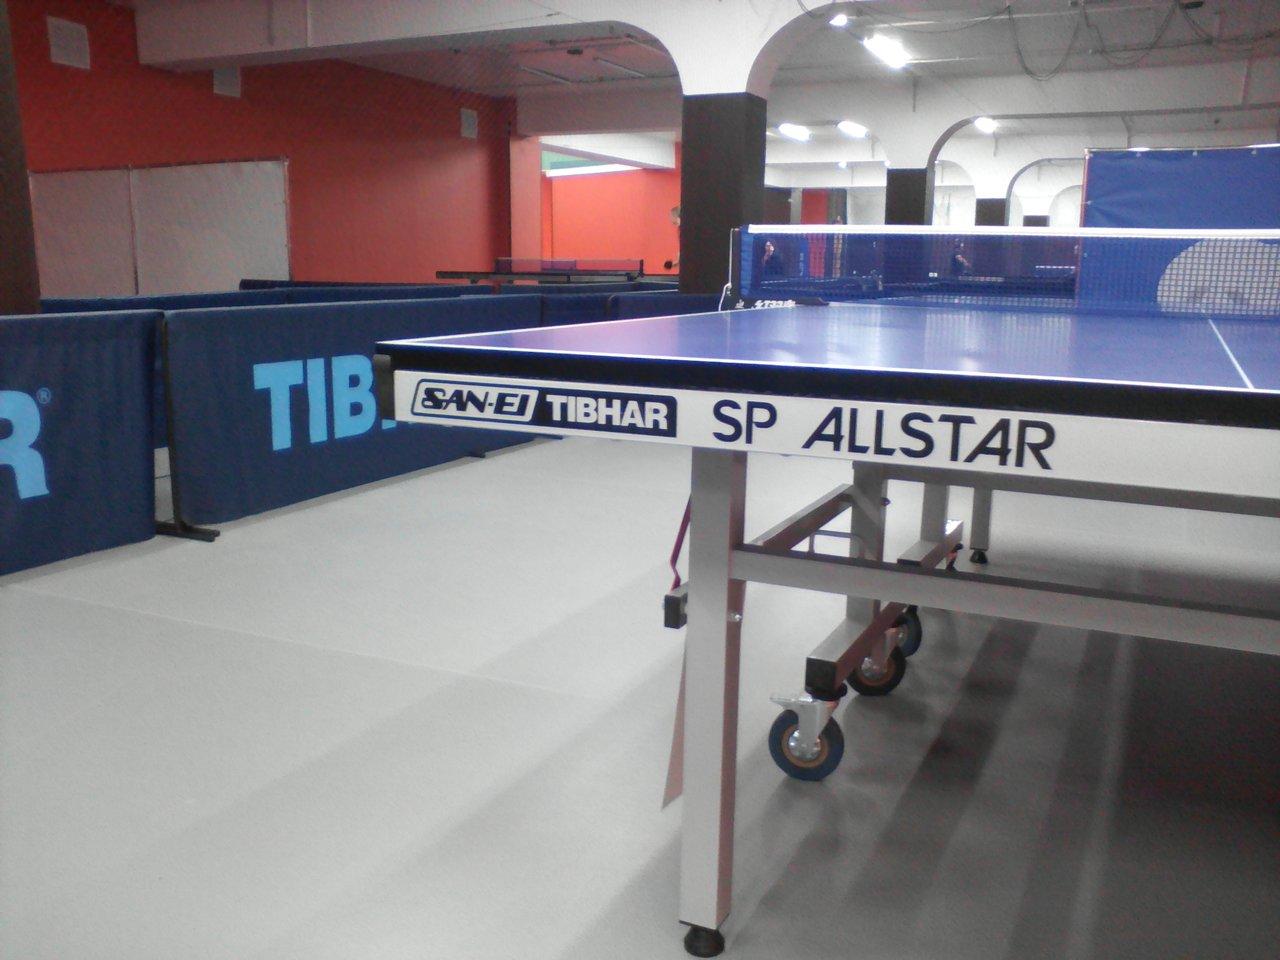 форум настольного тенниса г. Санкт-Петербург - Редактировать сообщение